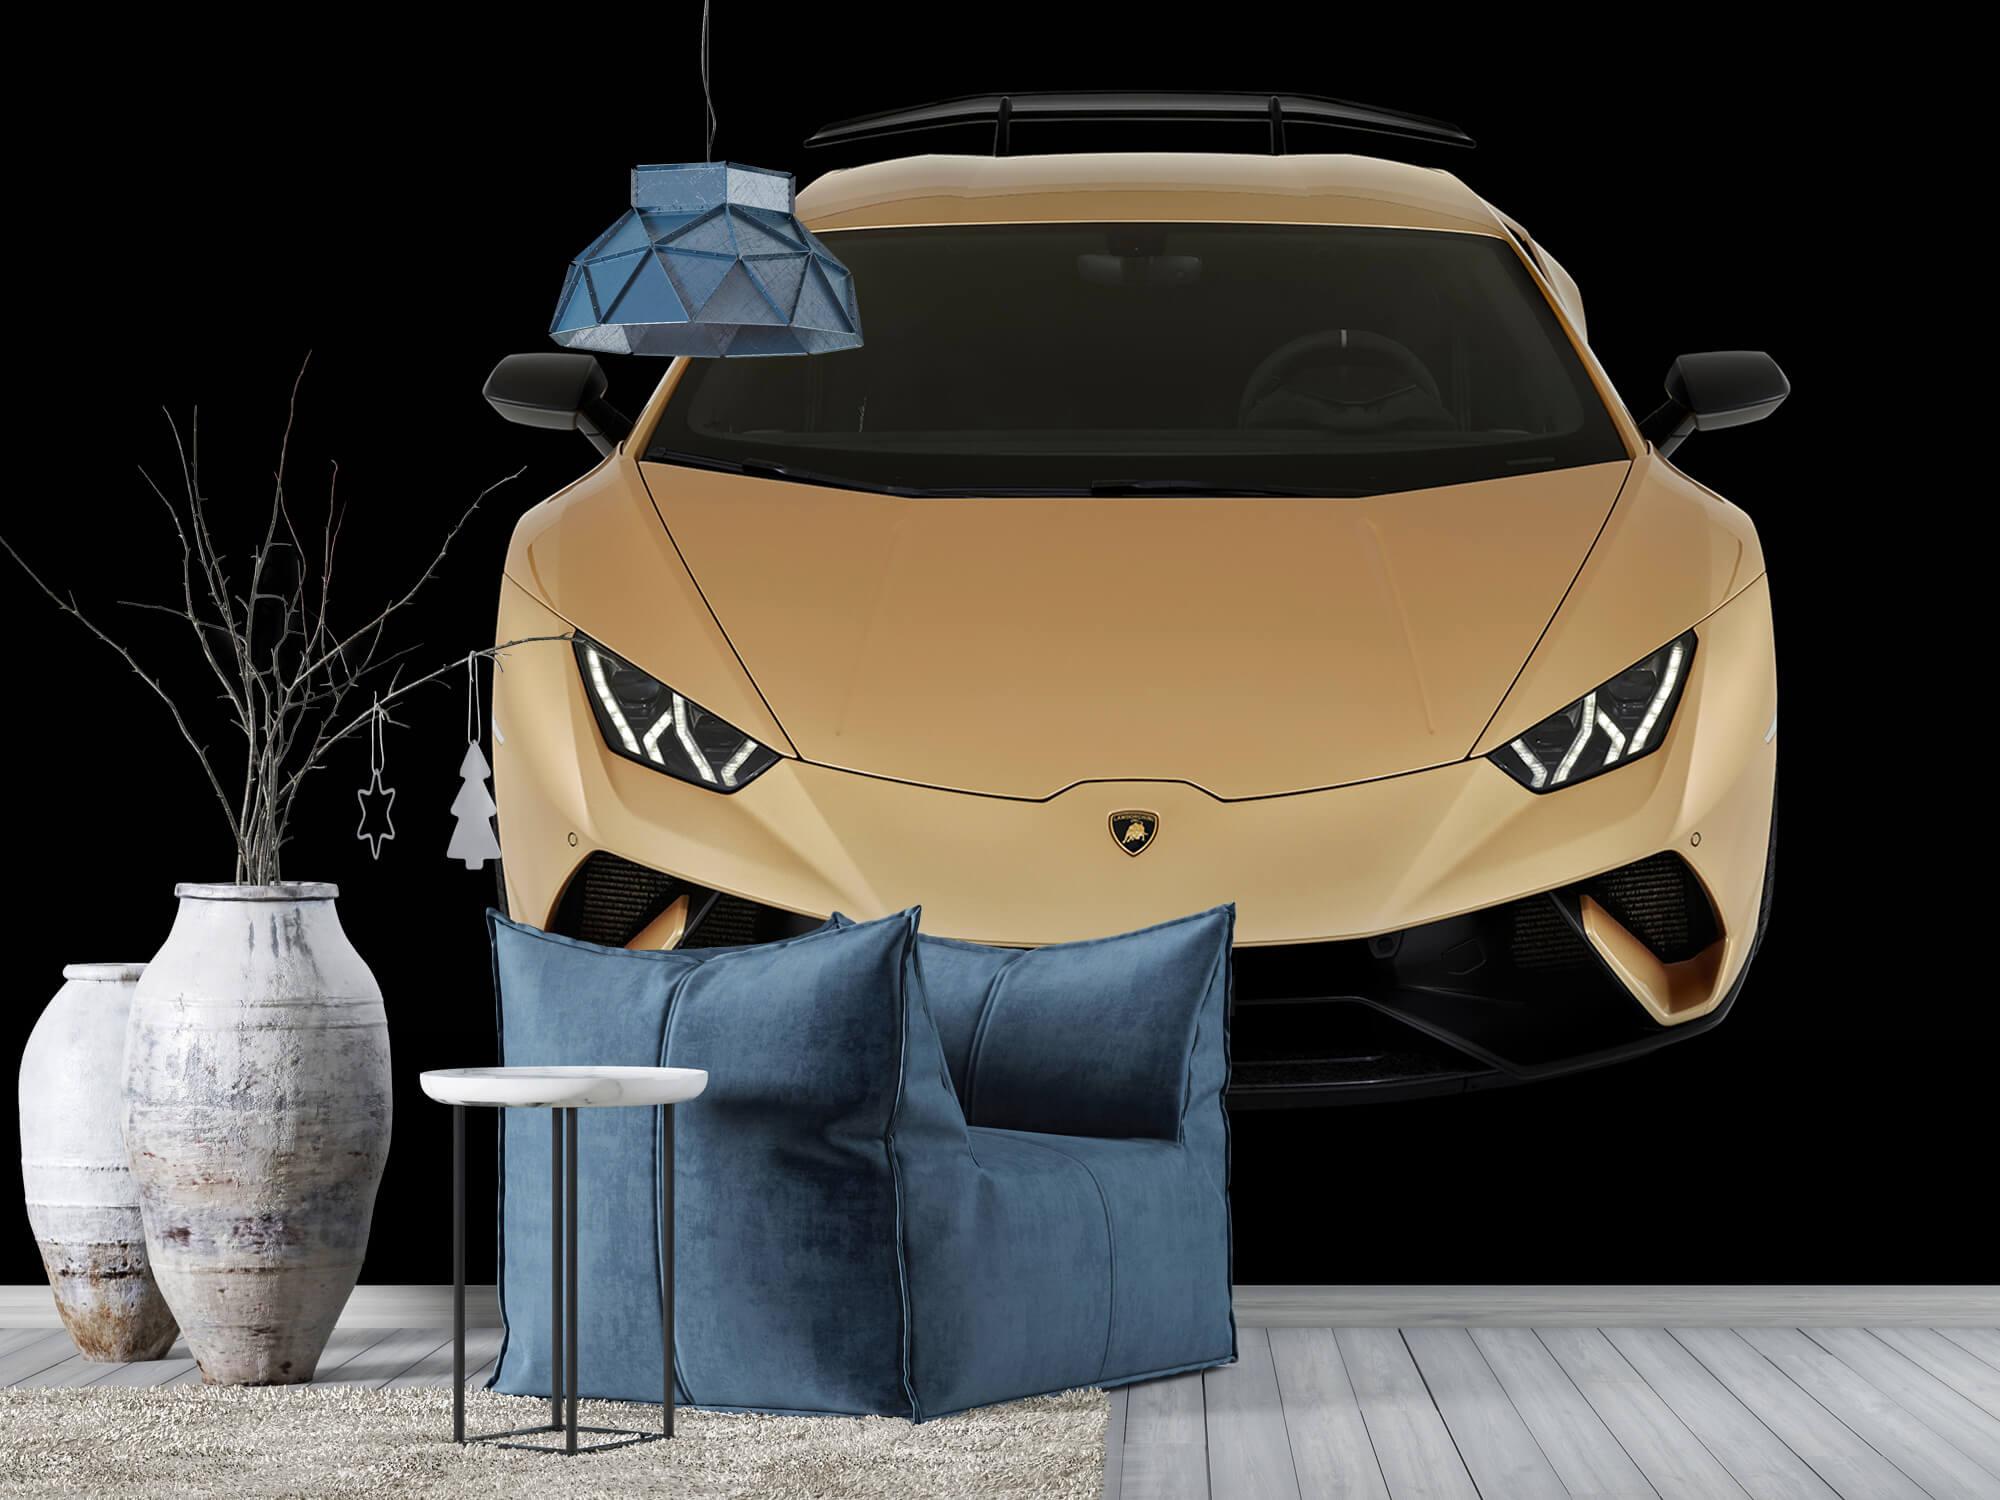 Wallpaper Lamborghini Huracán - Framifrån uppifrån, svart 7